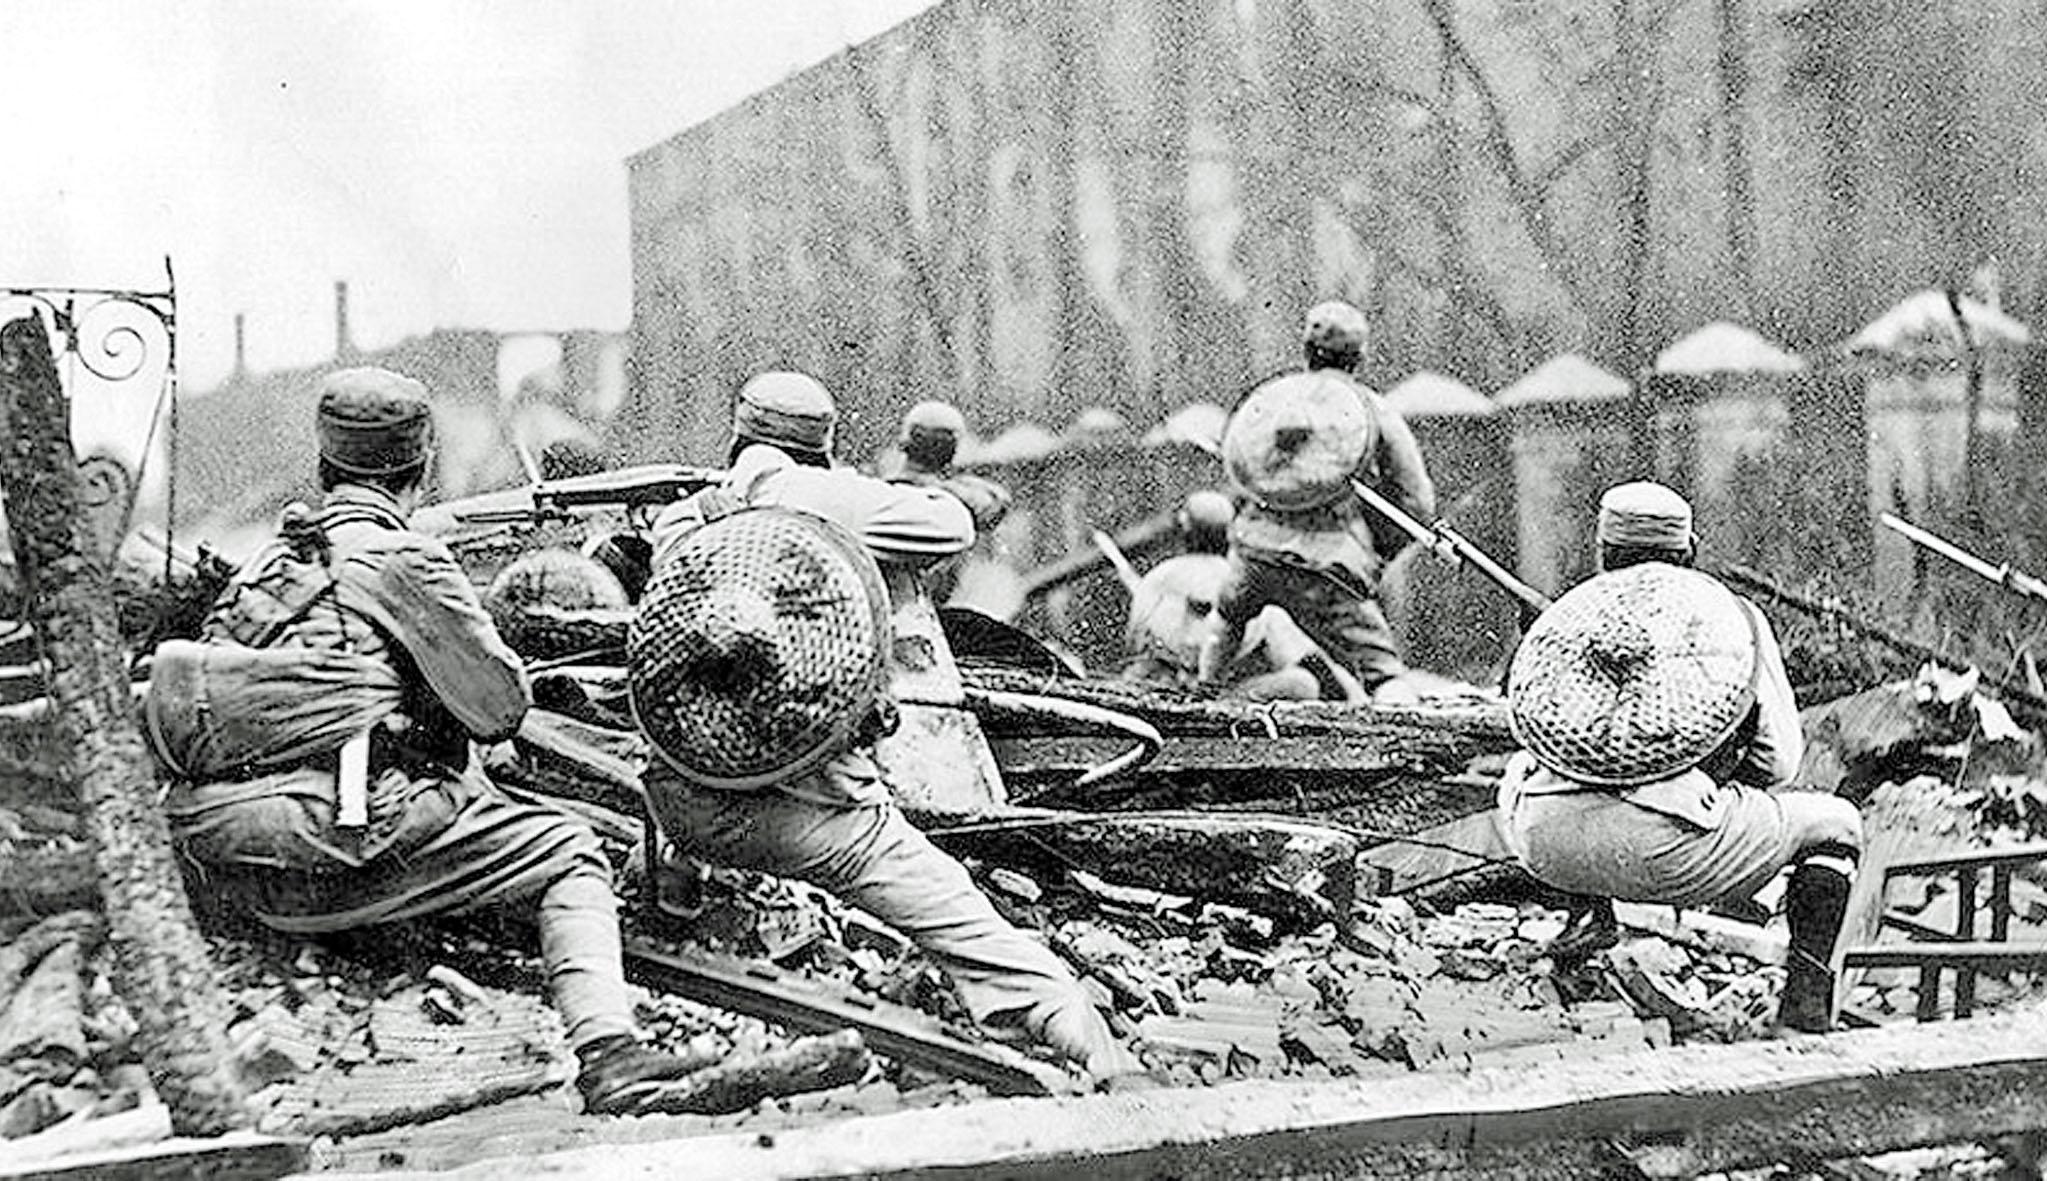 國軍在上海街頭抗戰歷史照片。網絡圖片